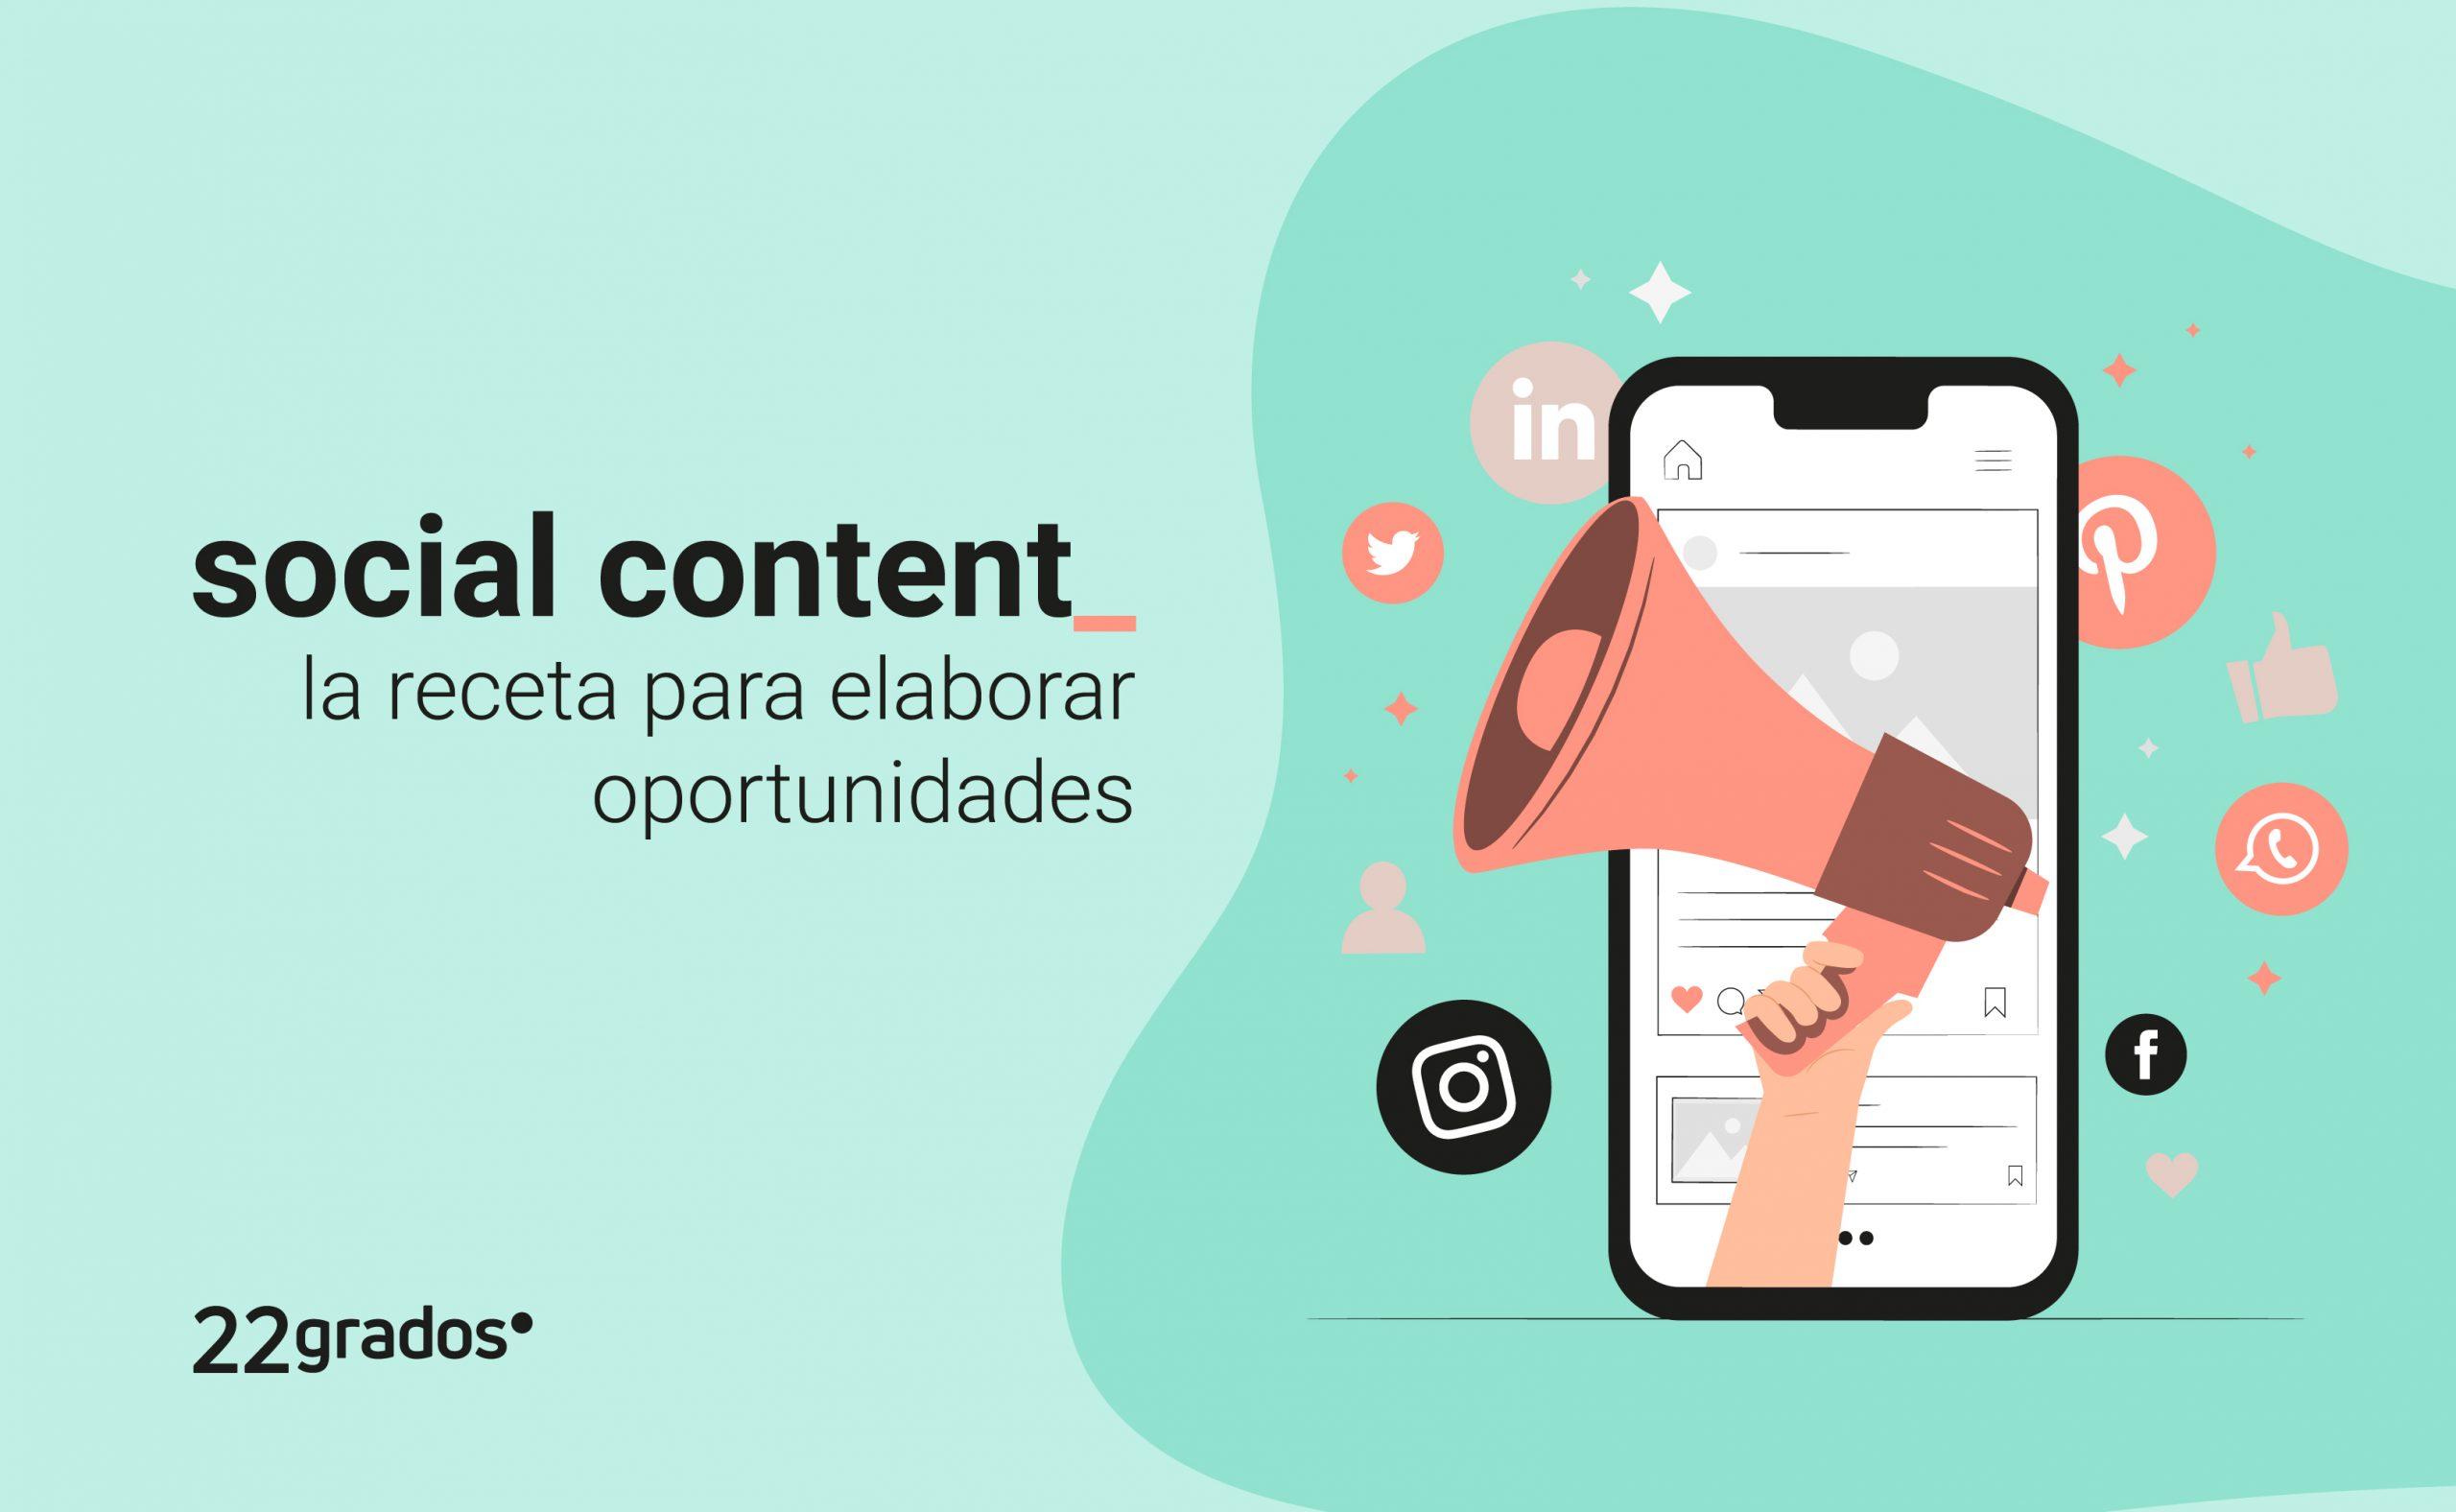 Social Content: La receta para elaborar oportunidades